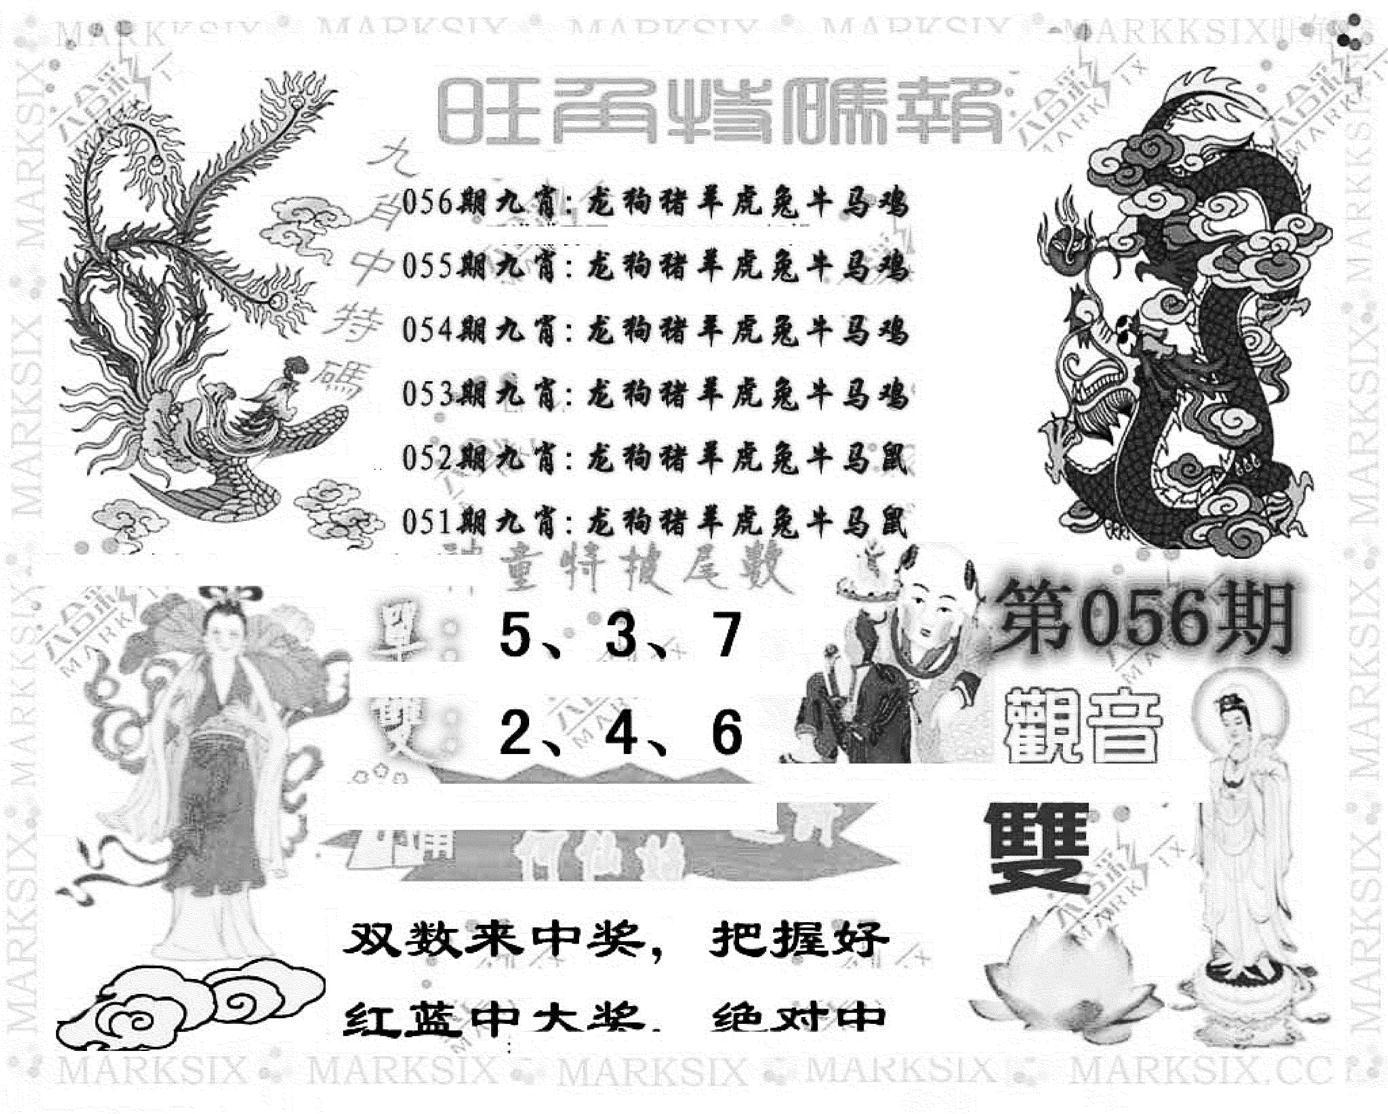 056期旺角特码报(彩)(黑白)